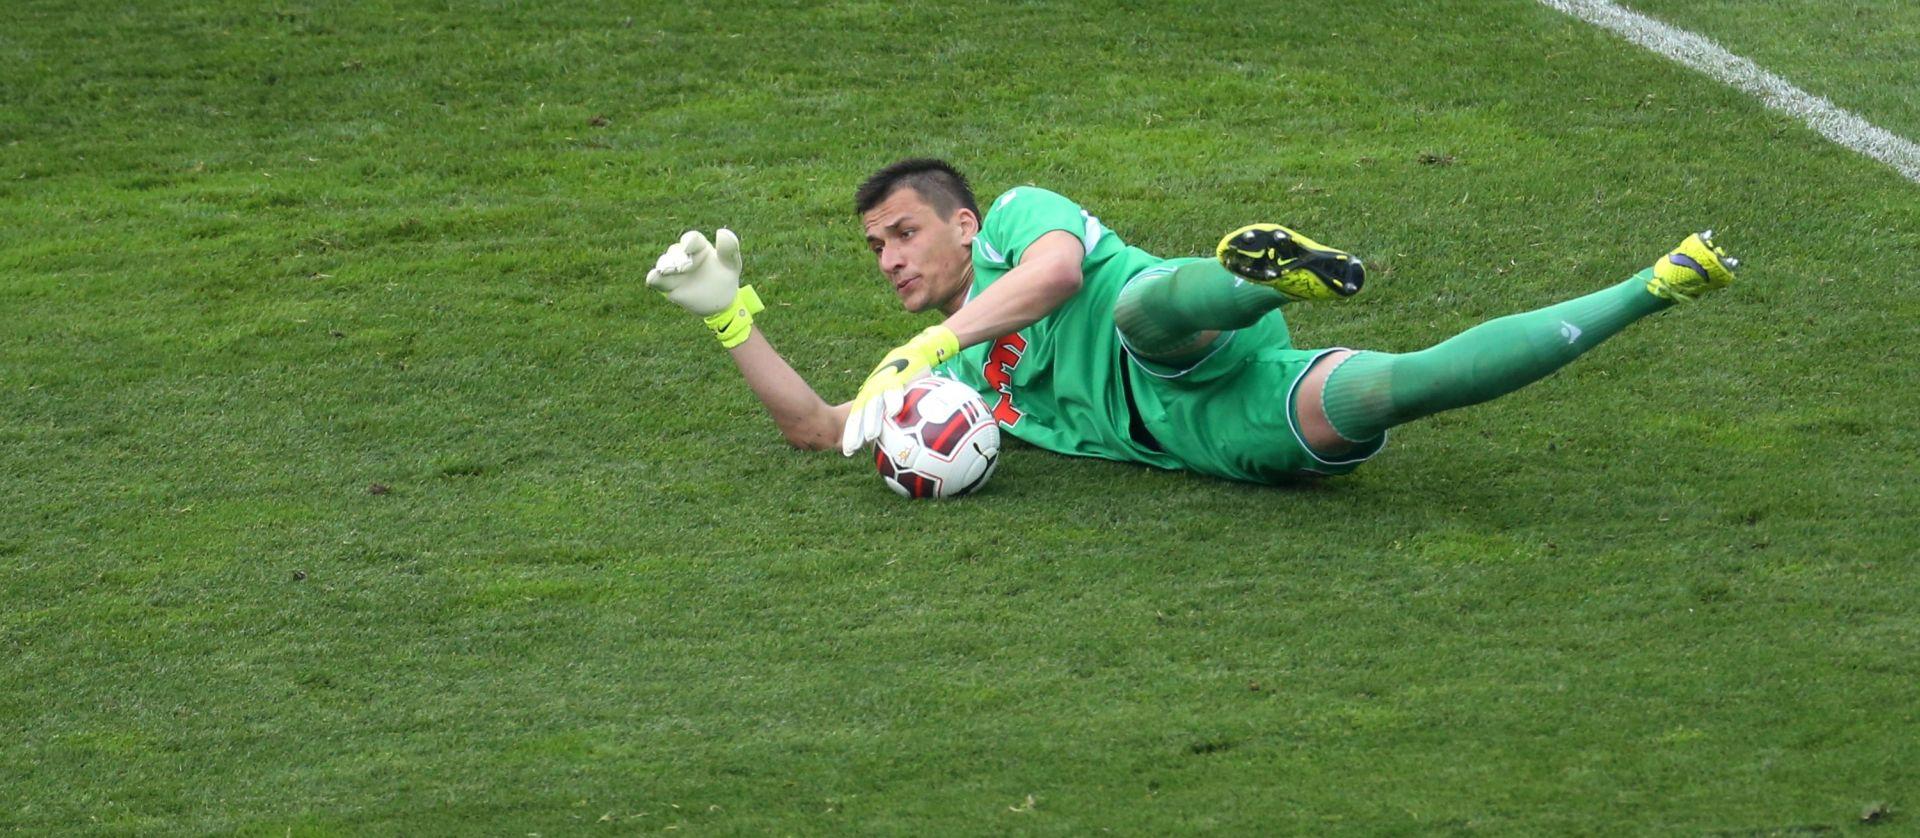 PRVI NAKON RADOŠEVIĆA Hajduk nakon četiri godine ima nogometaša u početnih 11 reorezentacije